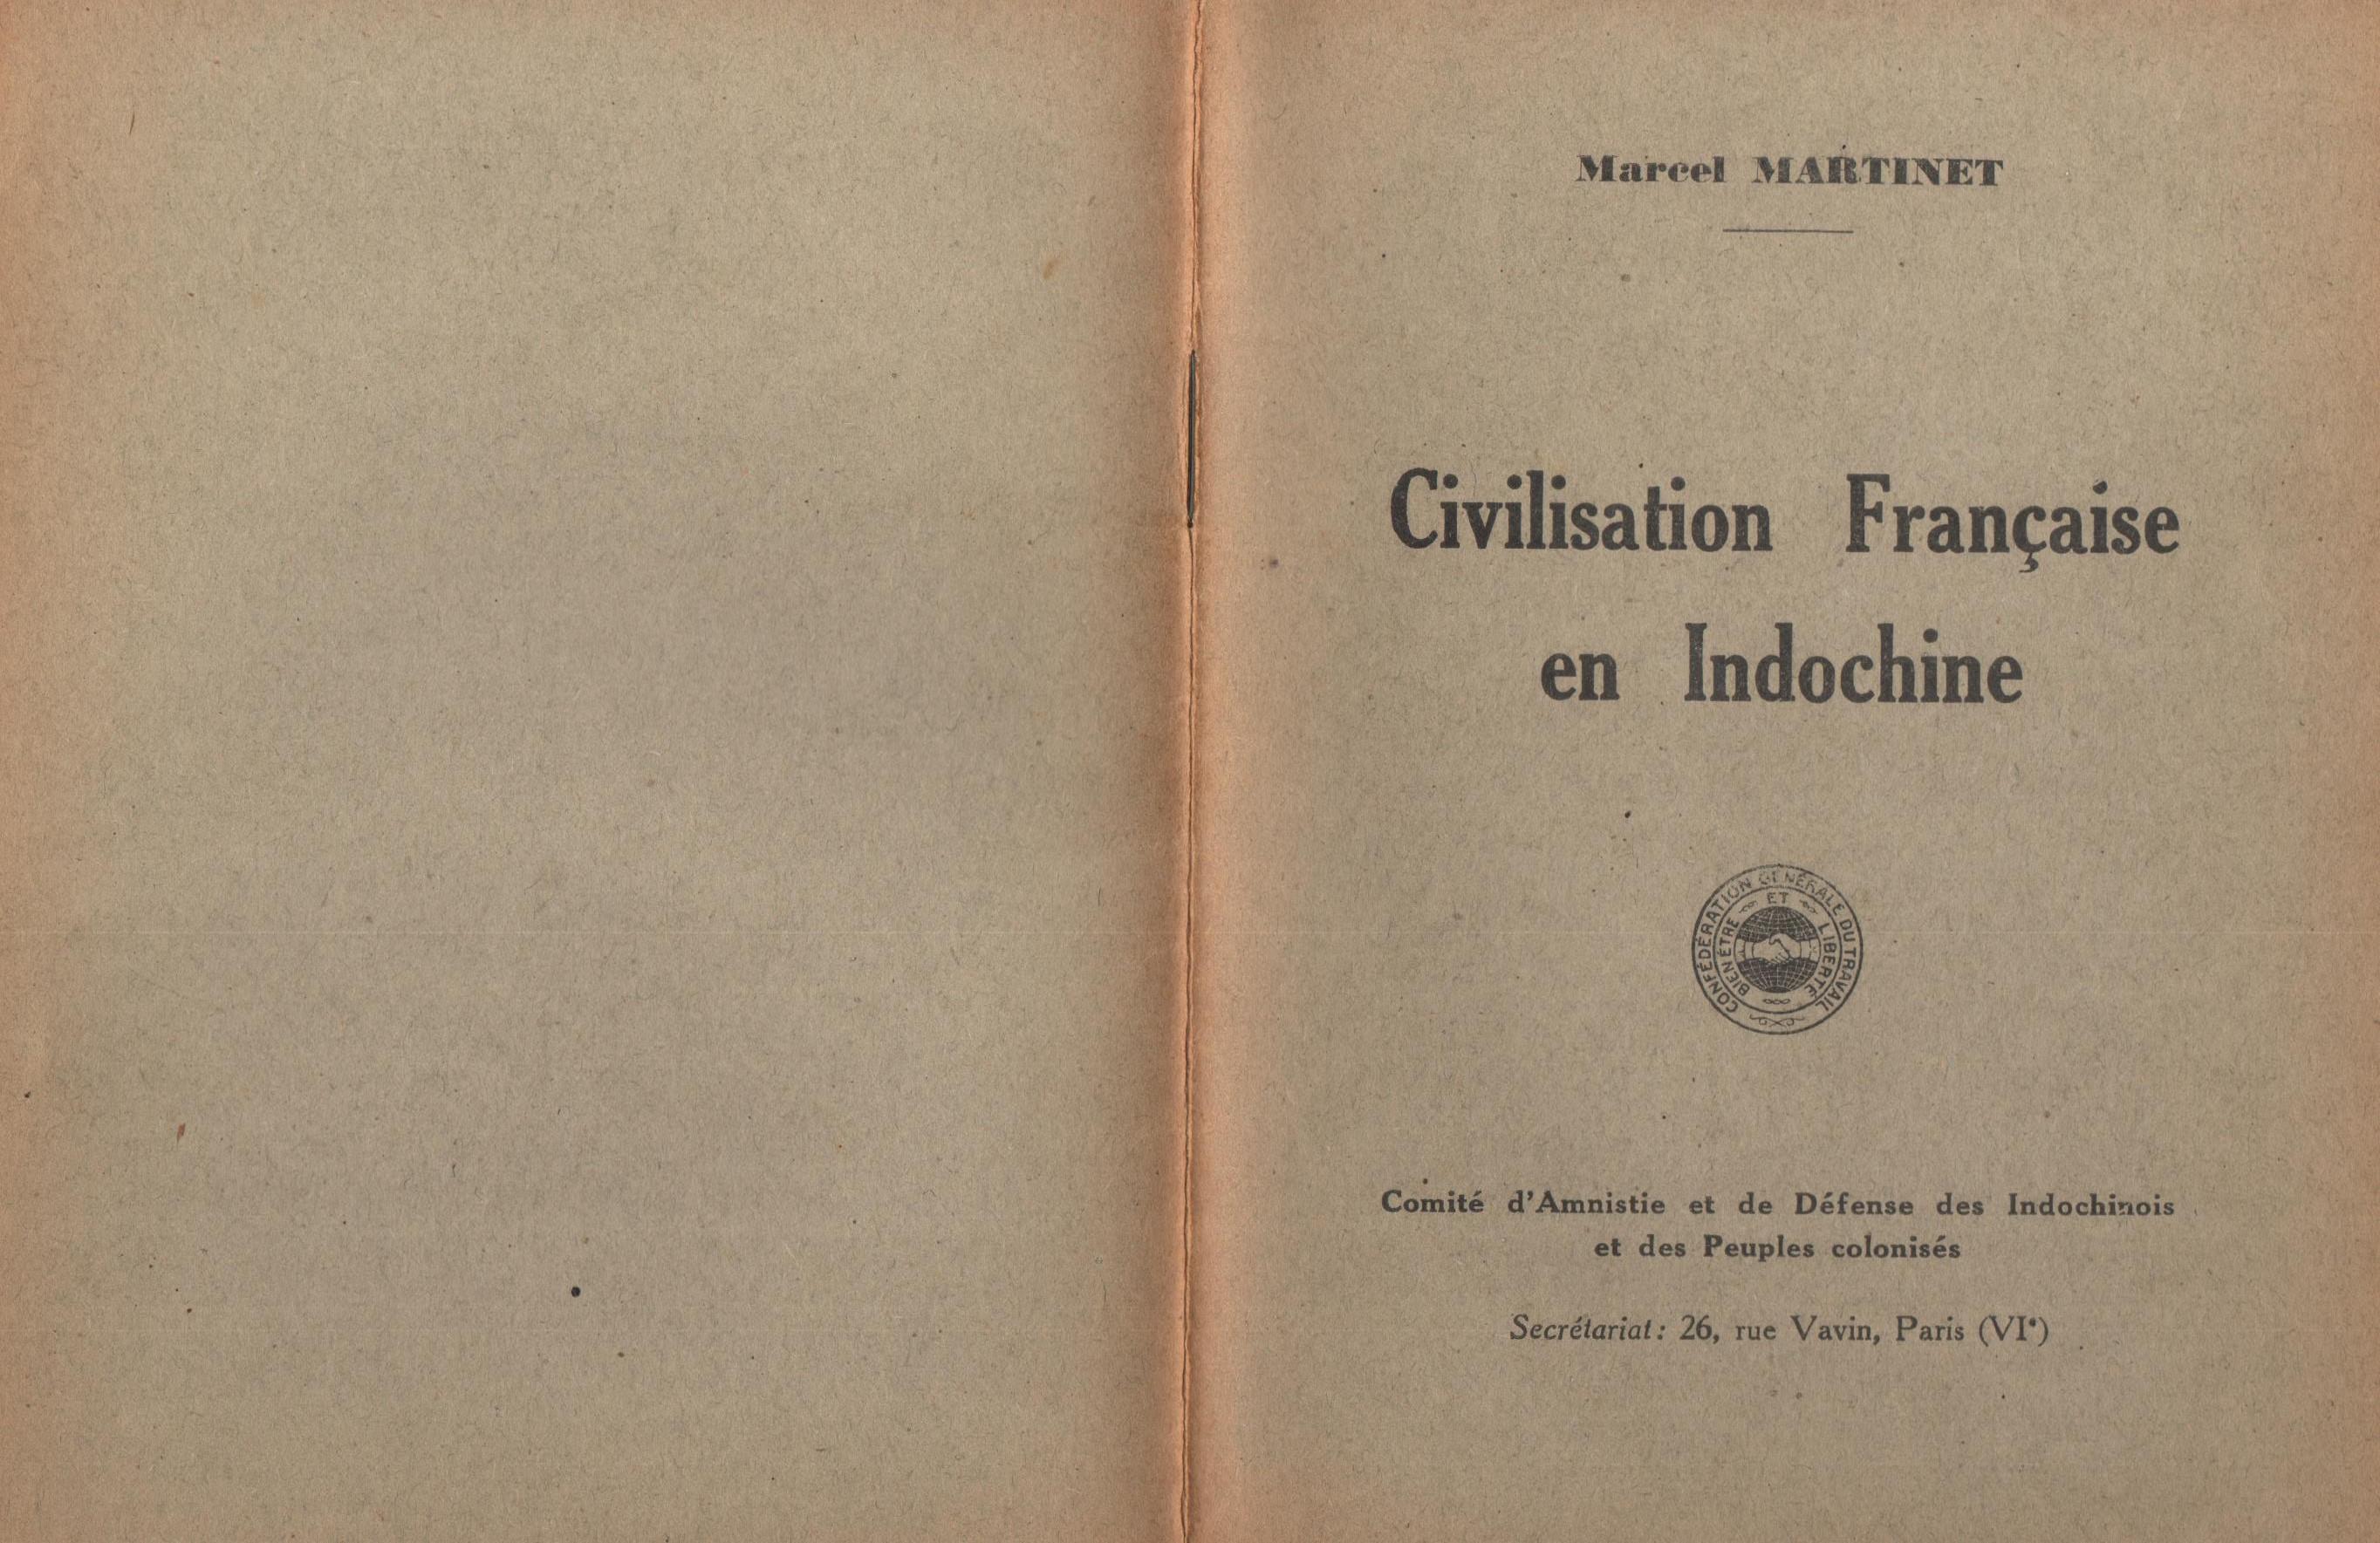 Marcel Martinet, Civilisation française en Indochine - pag. 1